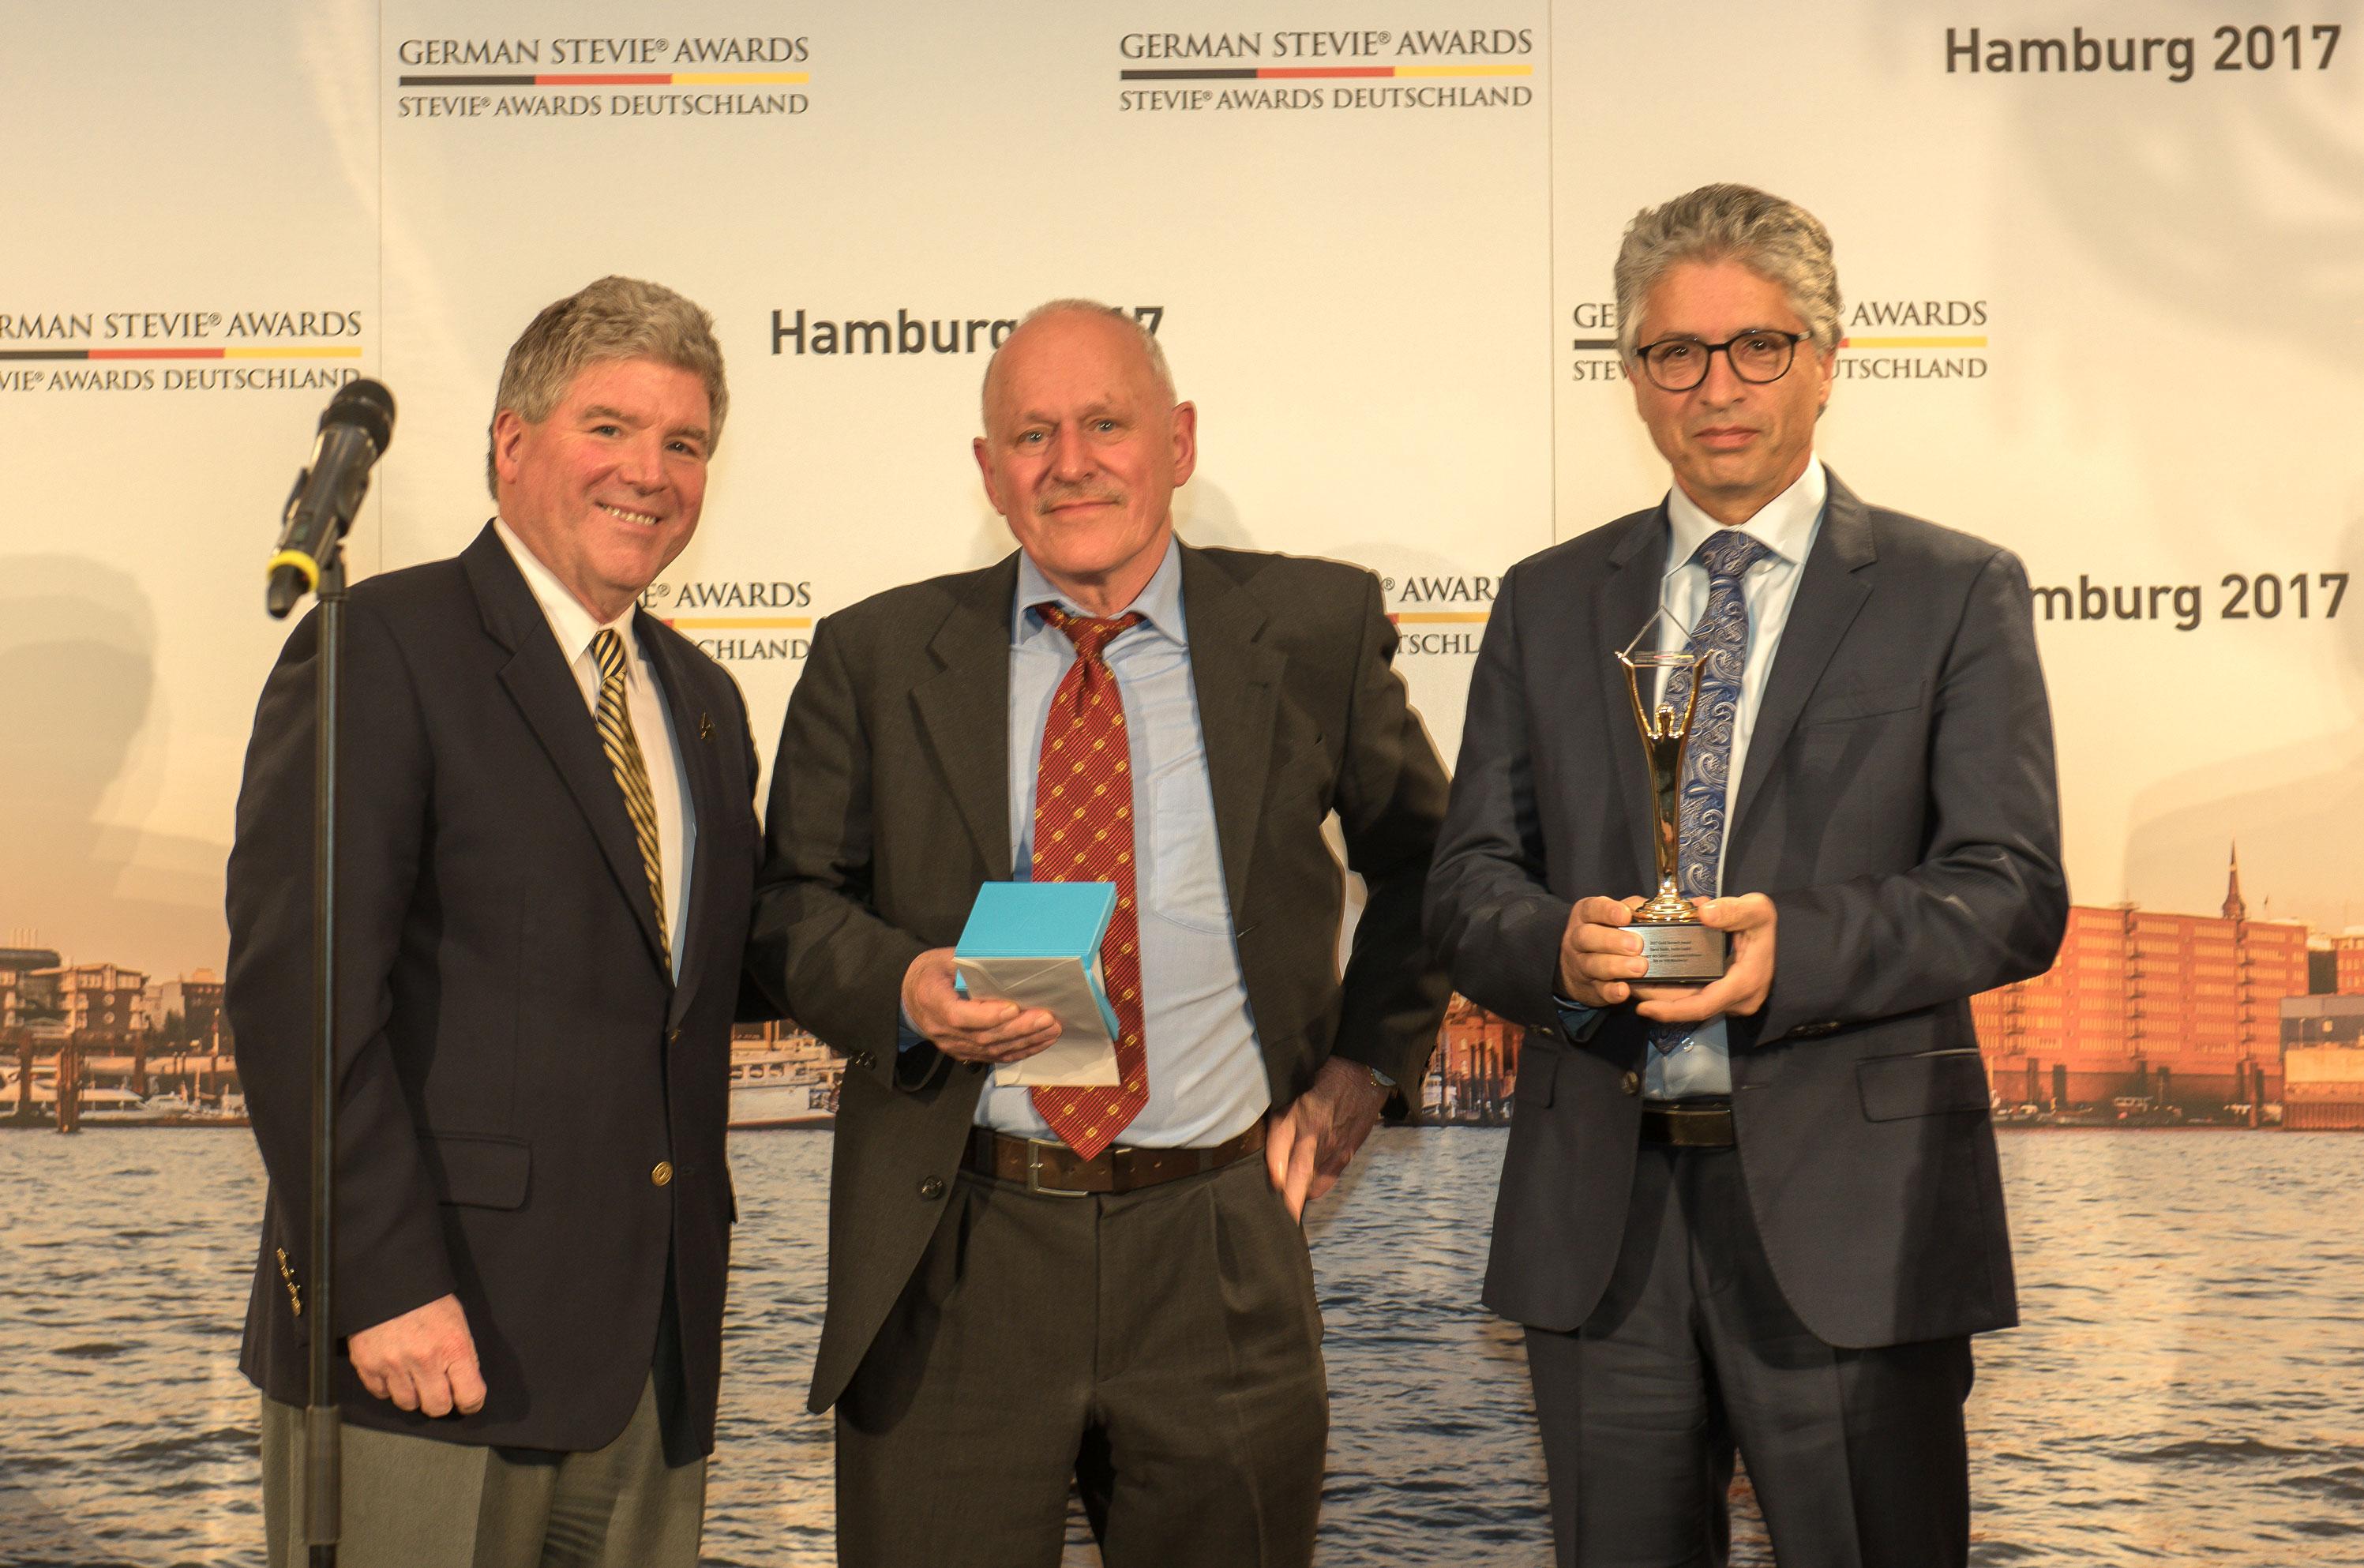 Saeid Fasihi mit Pressesprecher Martin Müller und Stevie Awards Präsident Michael Gallagher bei der Preisverleihung der GSA17